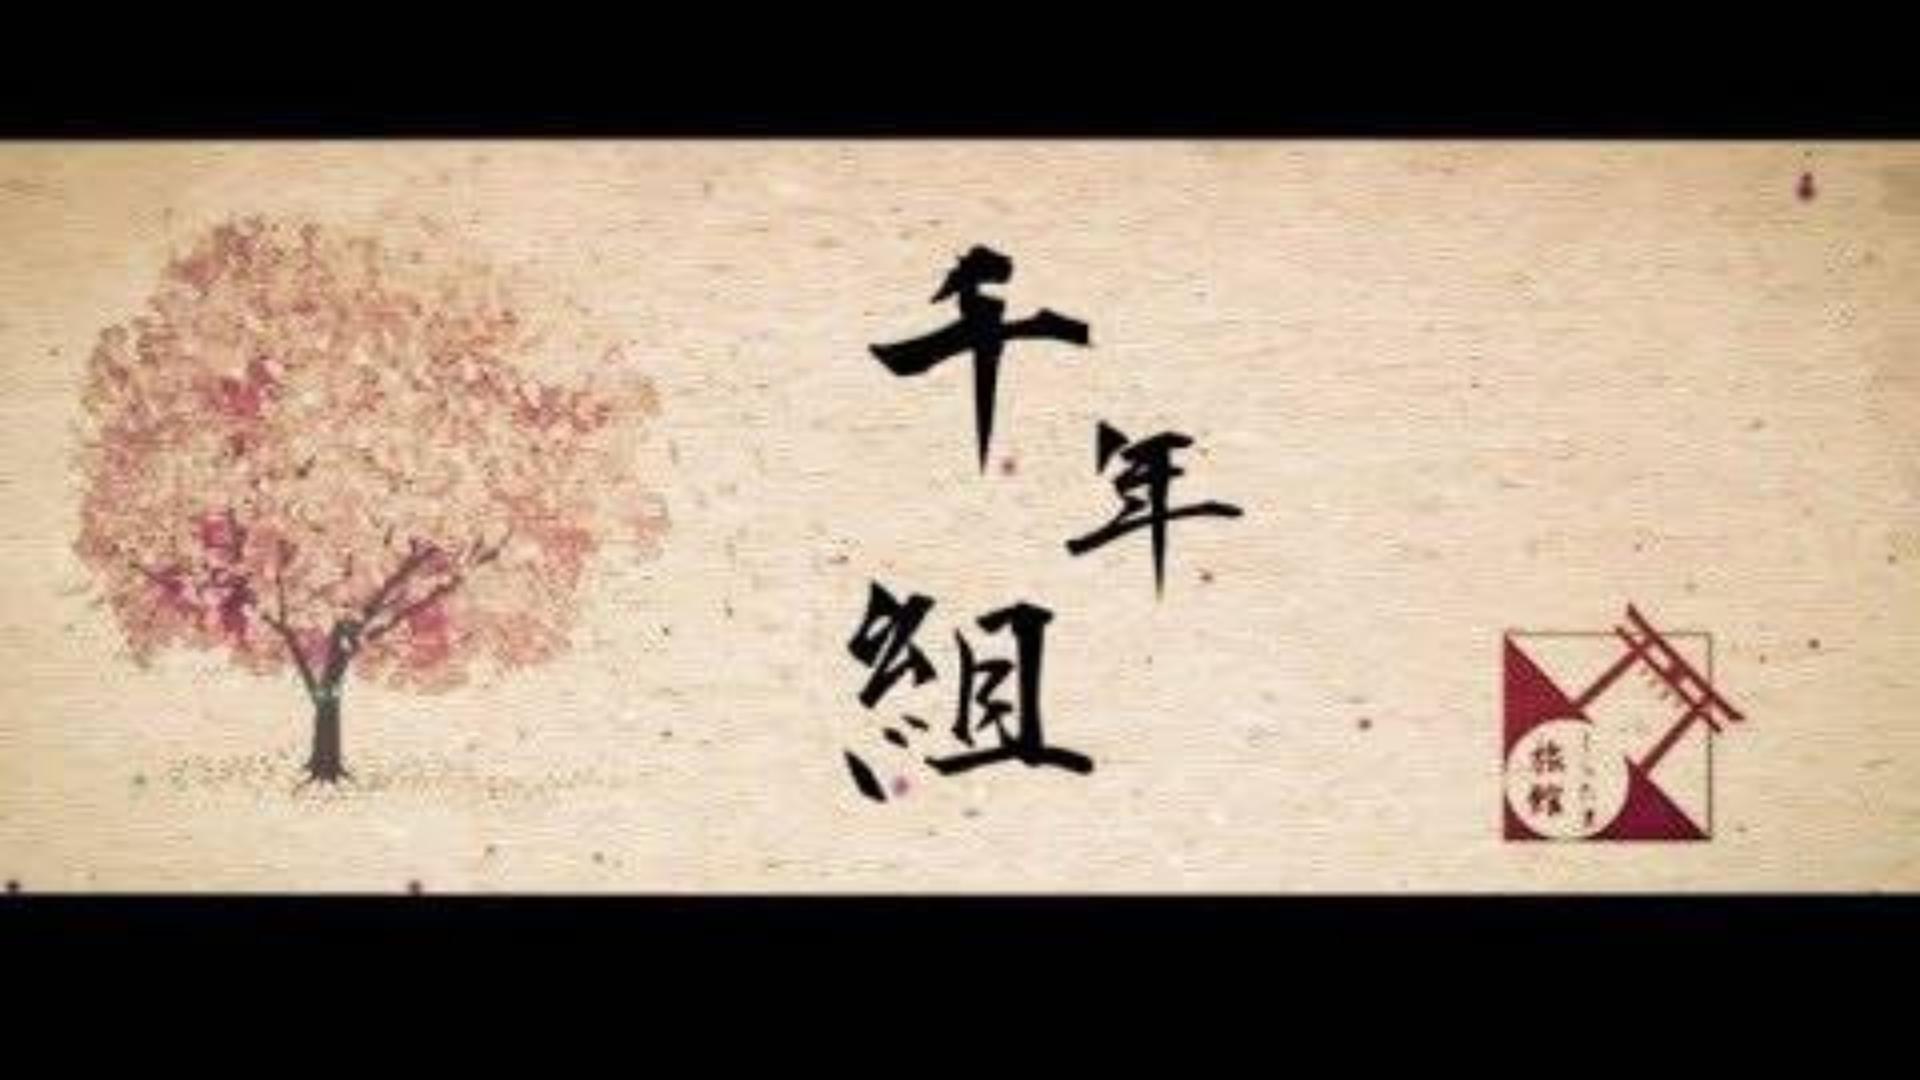 【东方VOCAL】 千年組 【しらたま旅館】